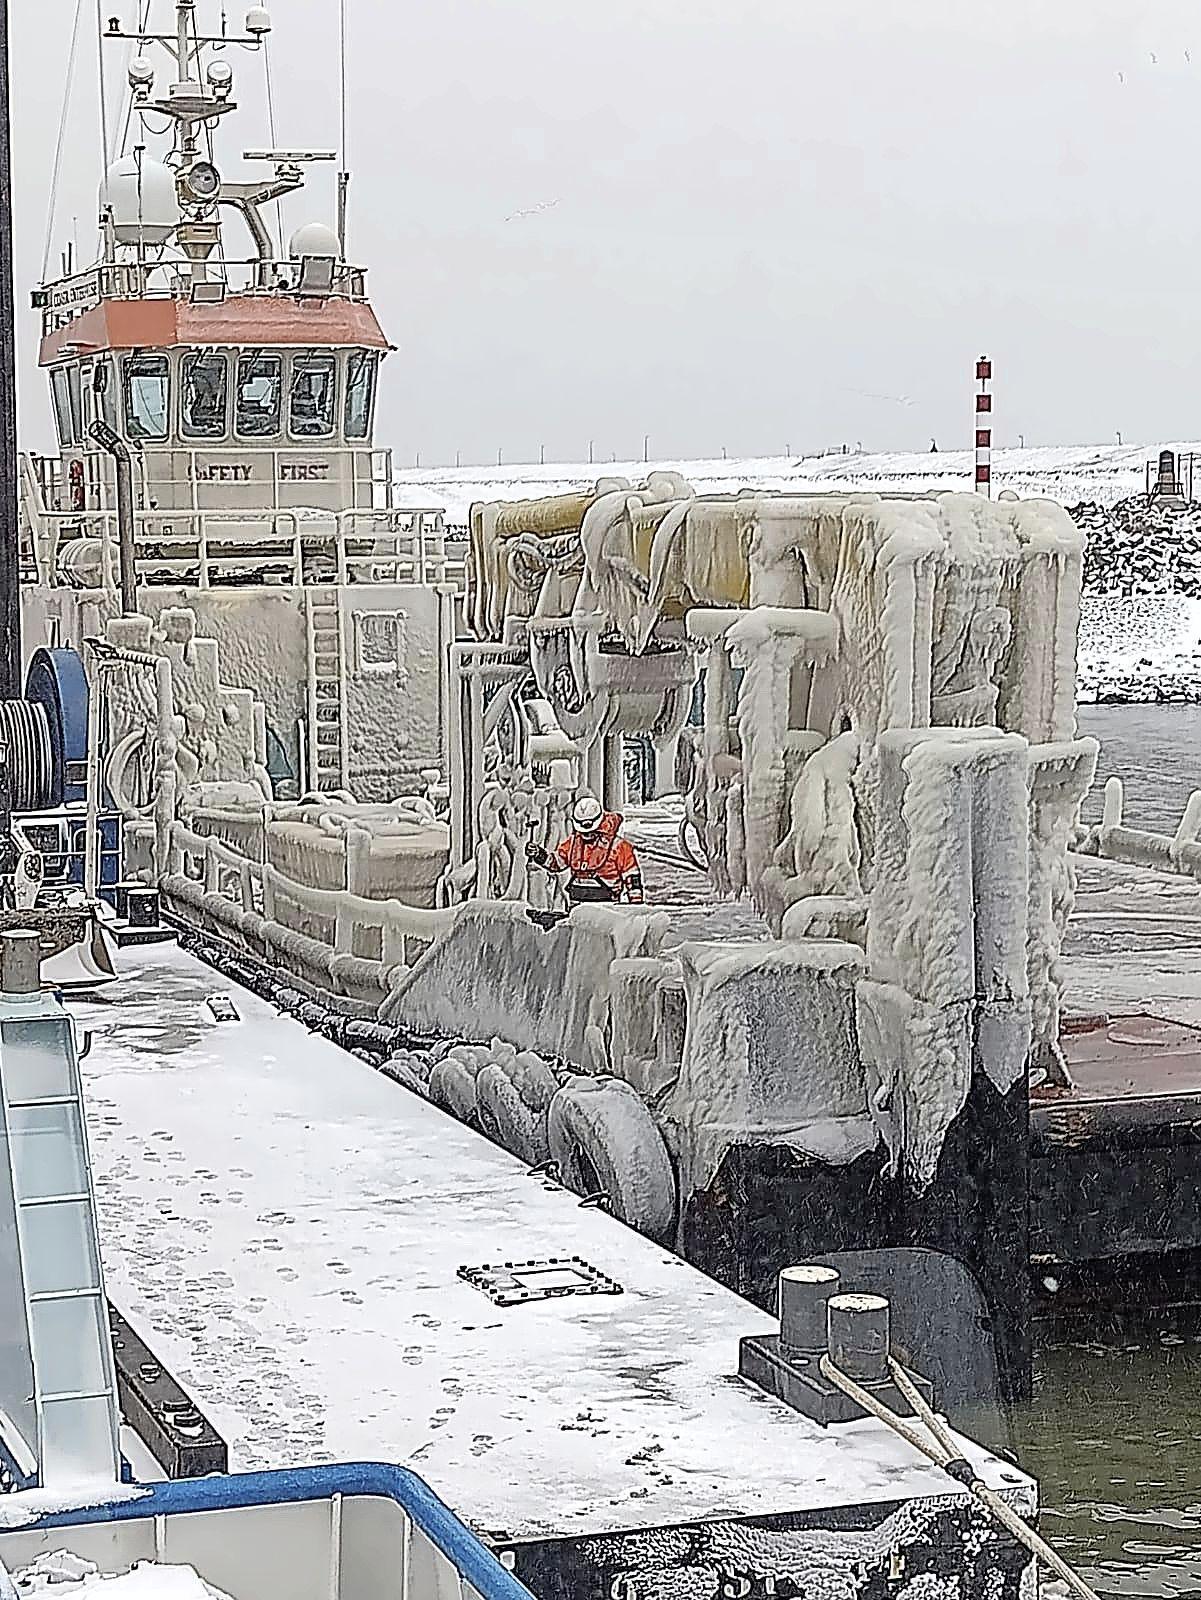 Nova Zembla in Den Oever. Werkschip zwaar onder het ijs en voorwerpen op de wal die onherkenbaar zijn